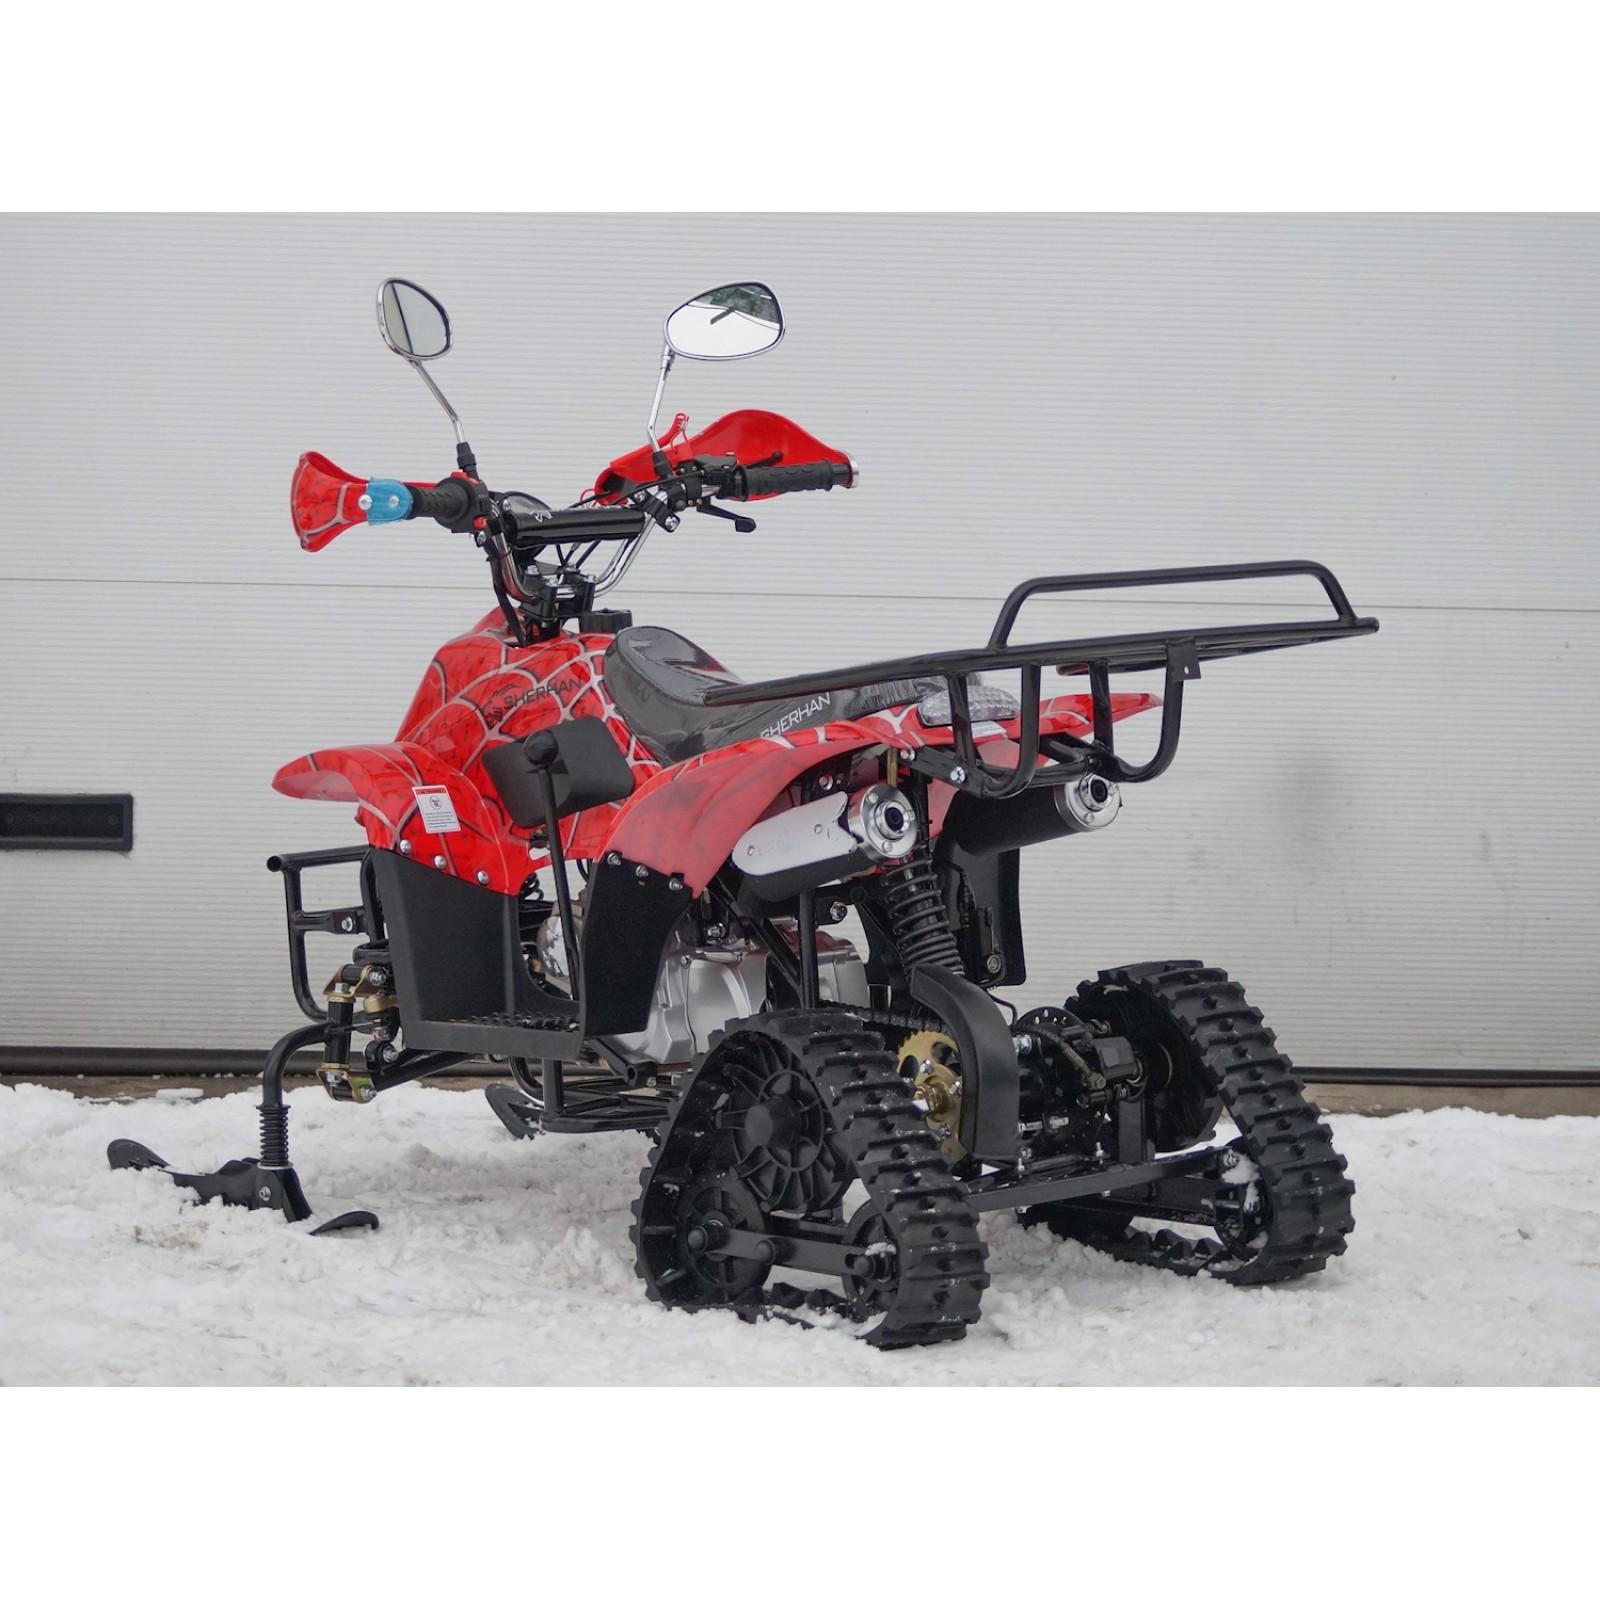 Снегоход-квадроцикл SHERHAN 500G SNOW (125cc)